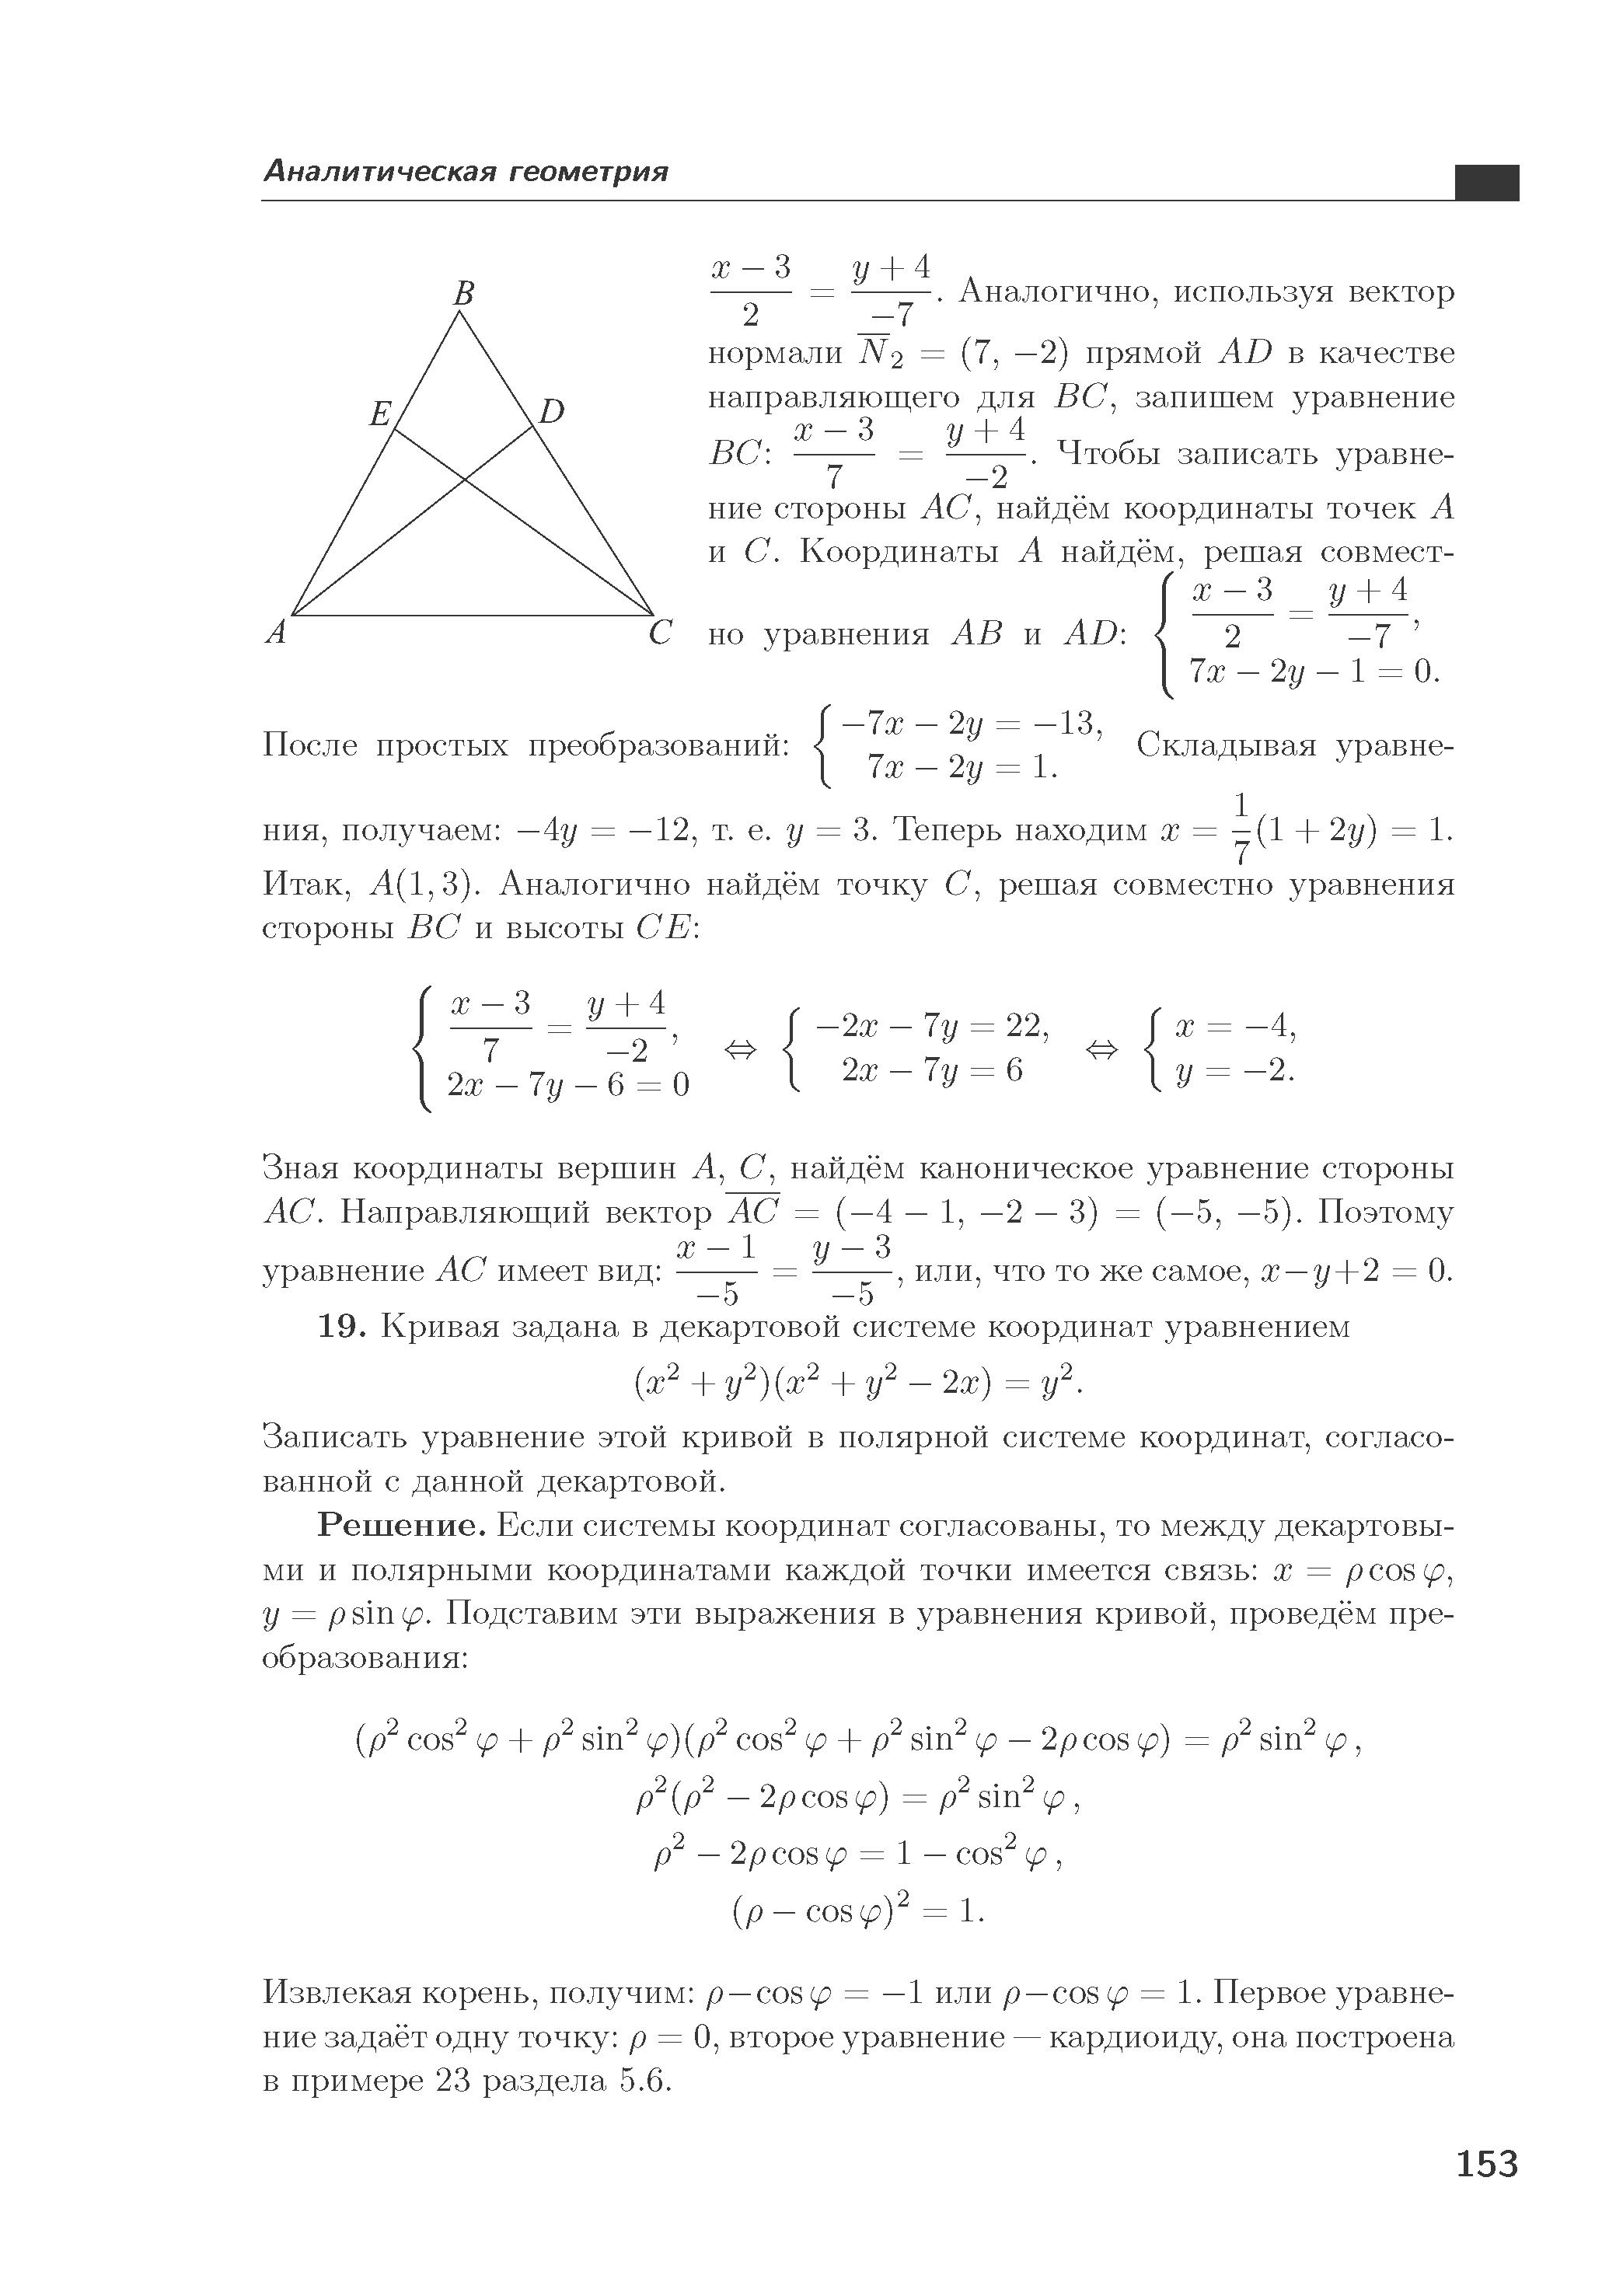 Решения задач аналитическая геометрия ижевск помощь студентам